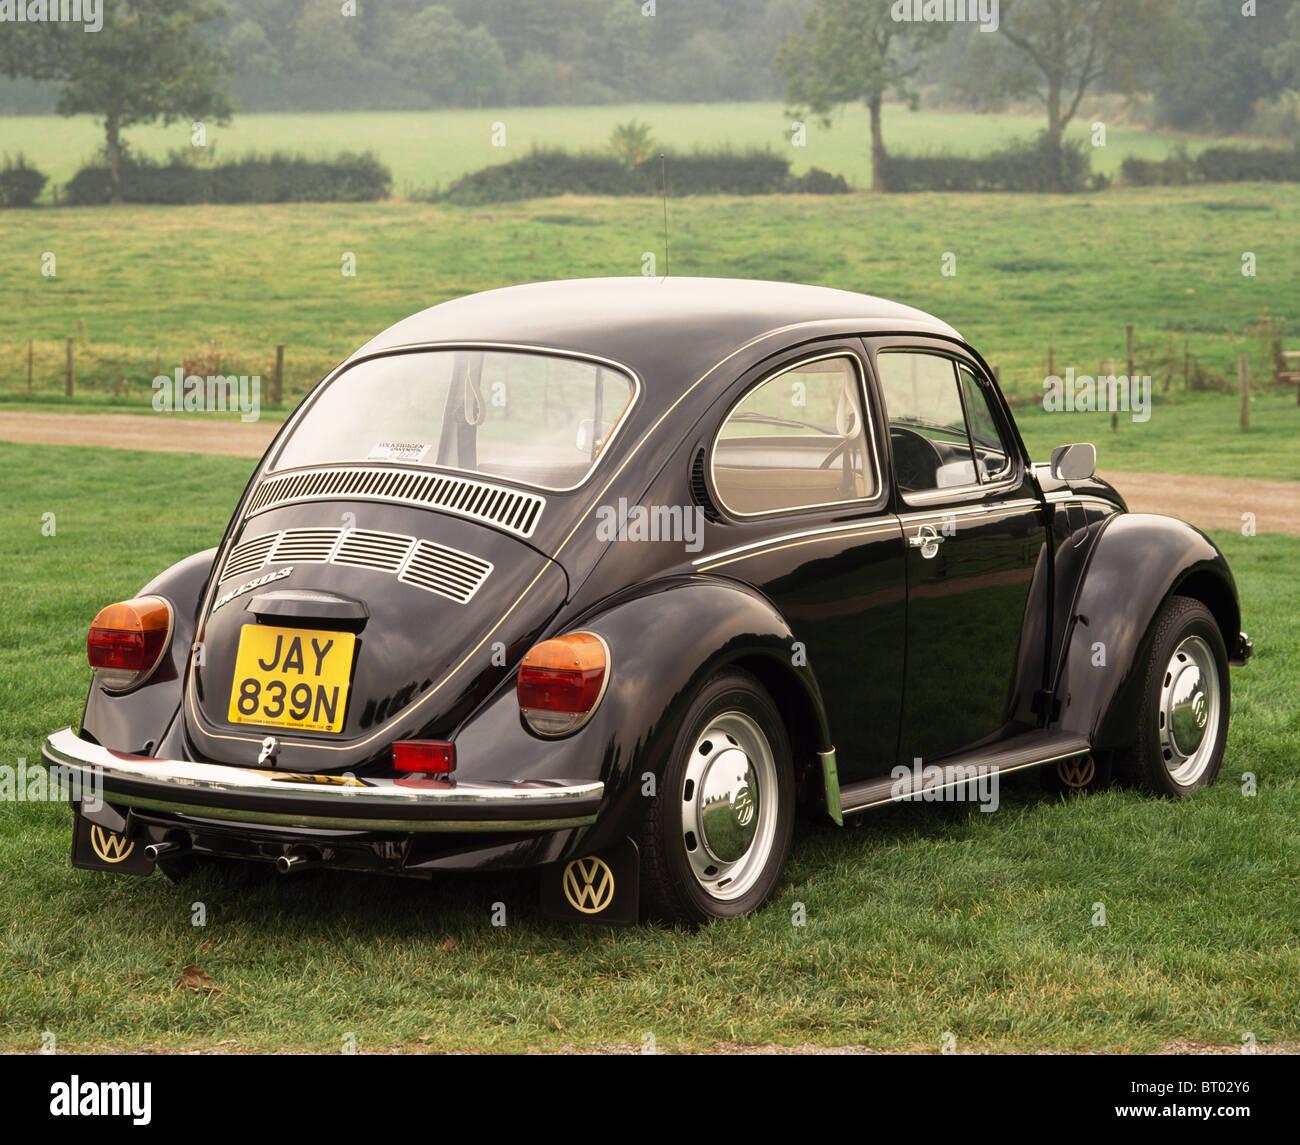 1975 Volkswagen Beetle 1303